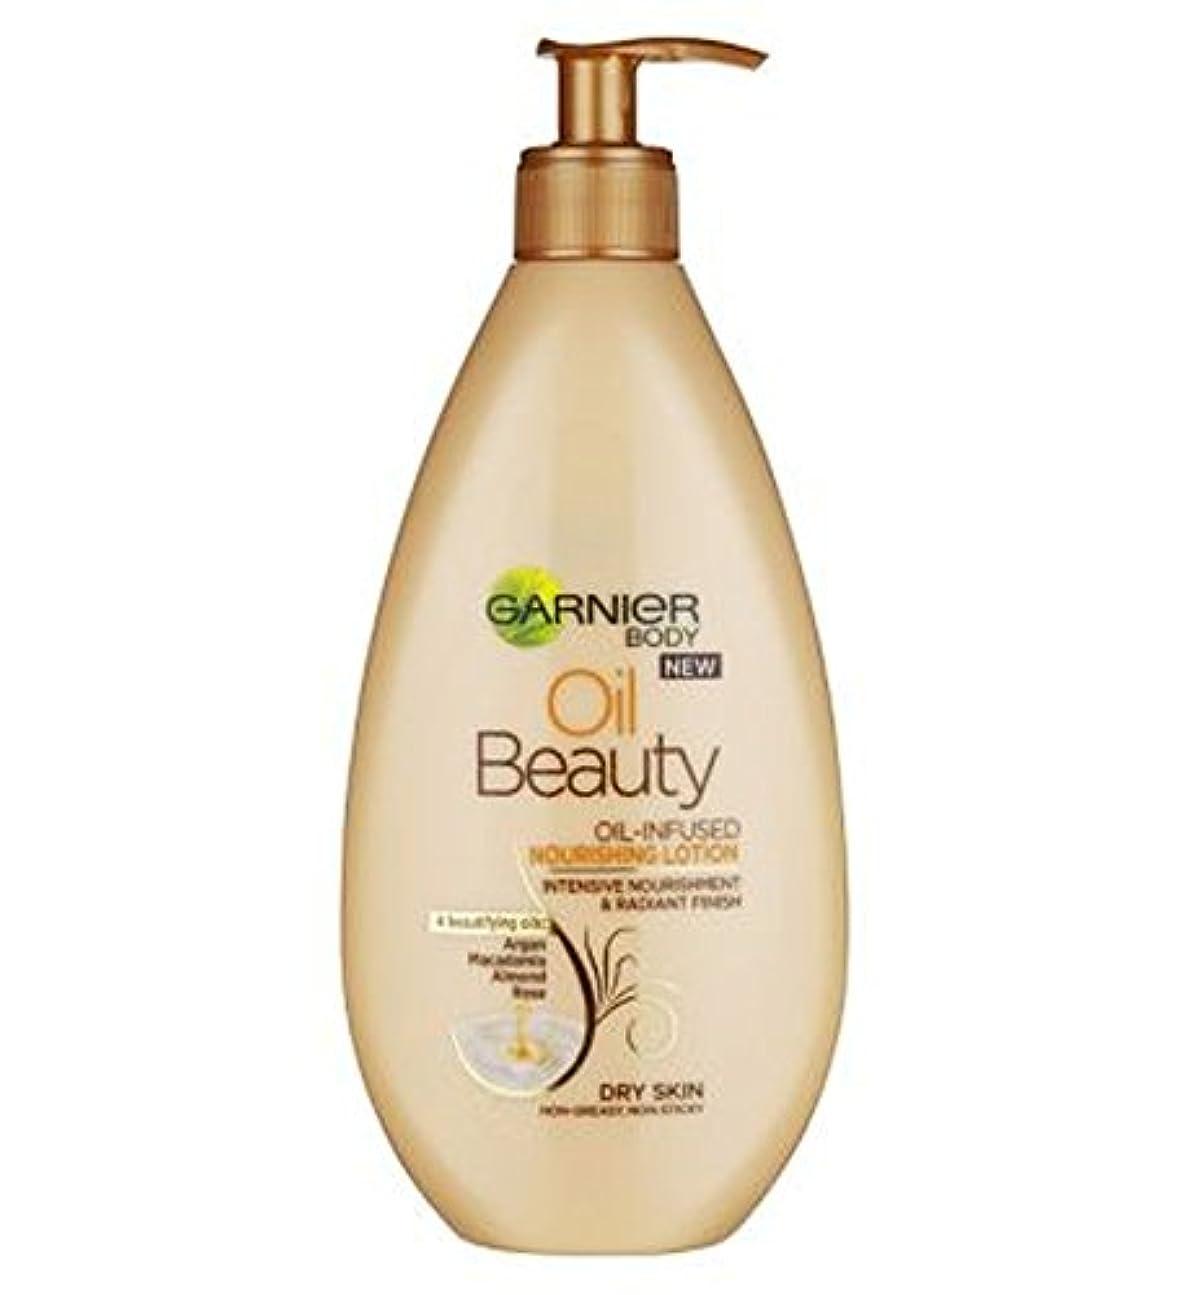 ニュースパフオリエンタルガルニエ究極の美容オイル400ミリリットル (Garnier) (x2) - Garnier Ultimate Beauty Oil 400ml (Pack of 2) [並行輸入品]